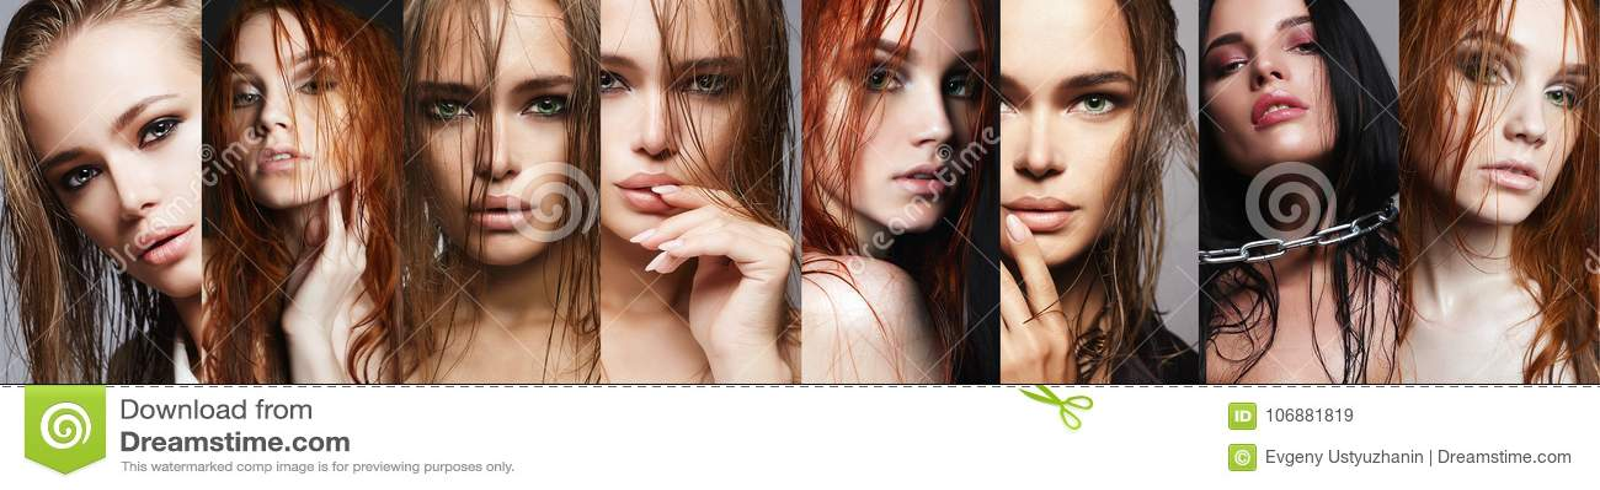 Коллаж красоты женщин с влажными волосами